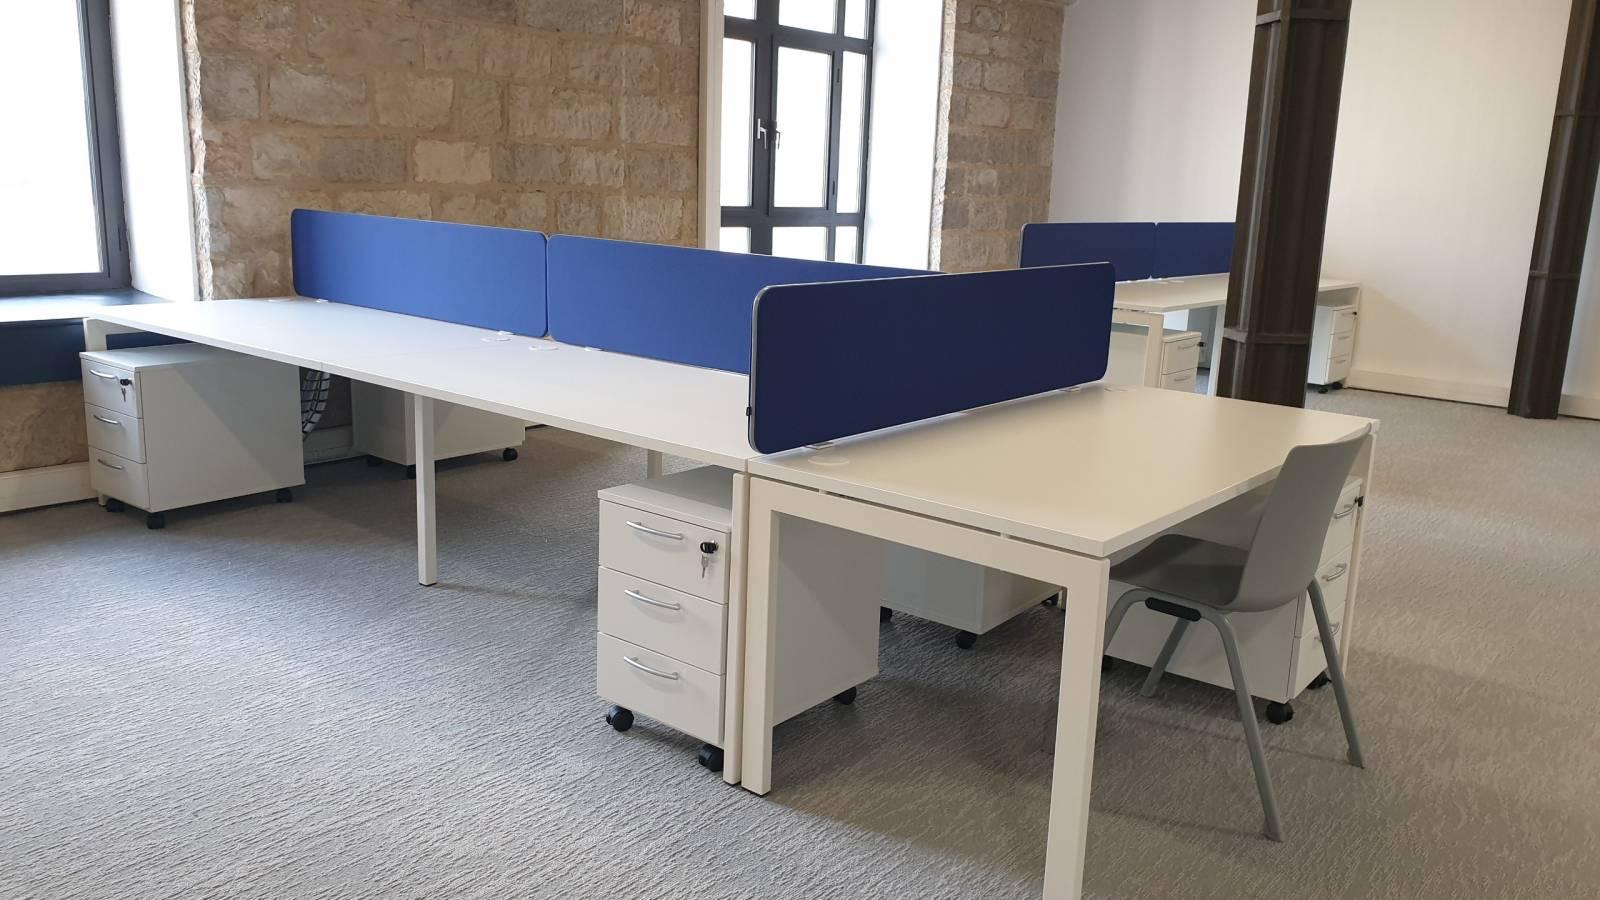 Open space aménagé avec des bench pultipostes avec une extension pour accueillir une personne supplémentaire avec accessoires fonctionnels intégrés sur Marseille